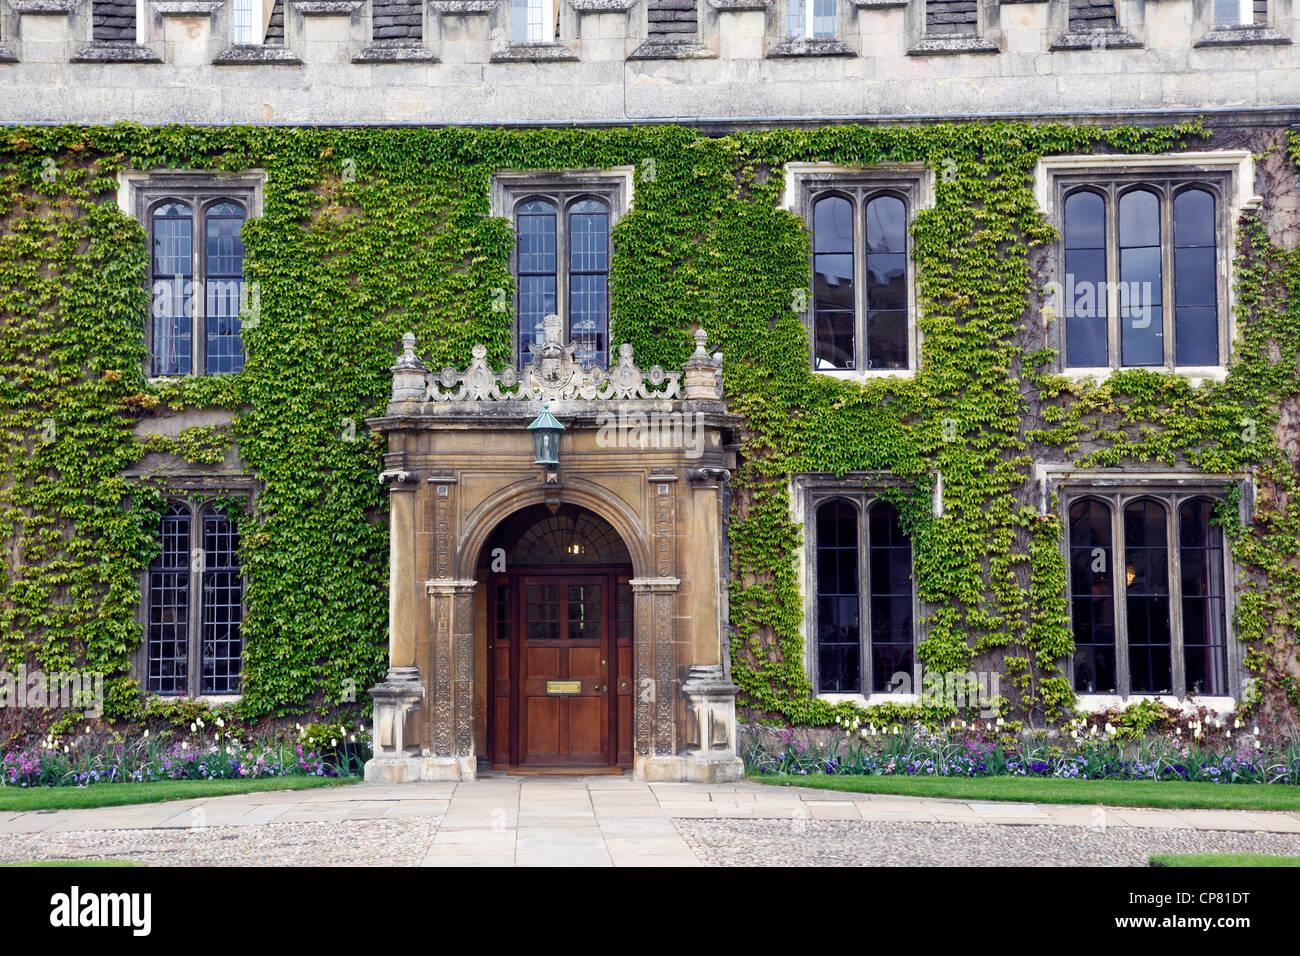 Trinity College, Cambridge, England - Stock Image